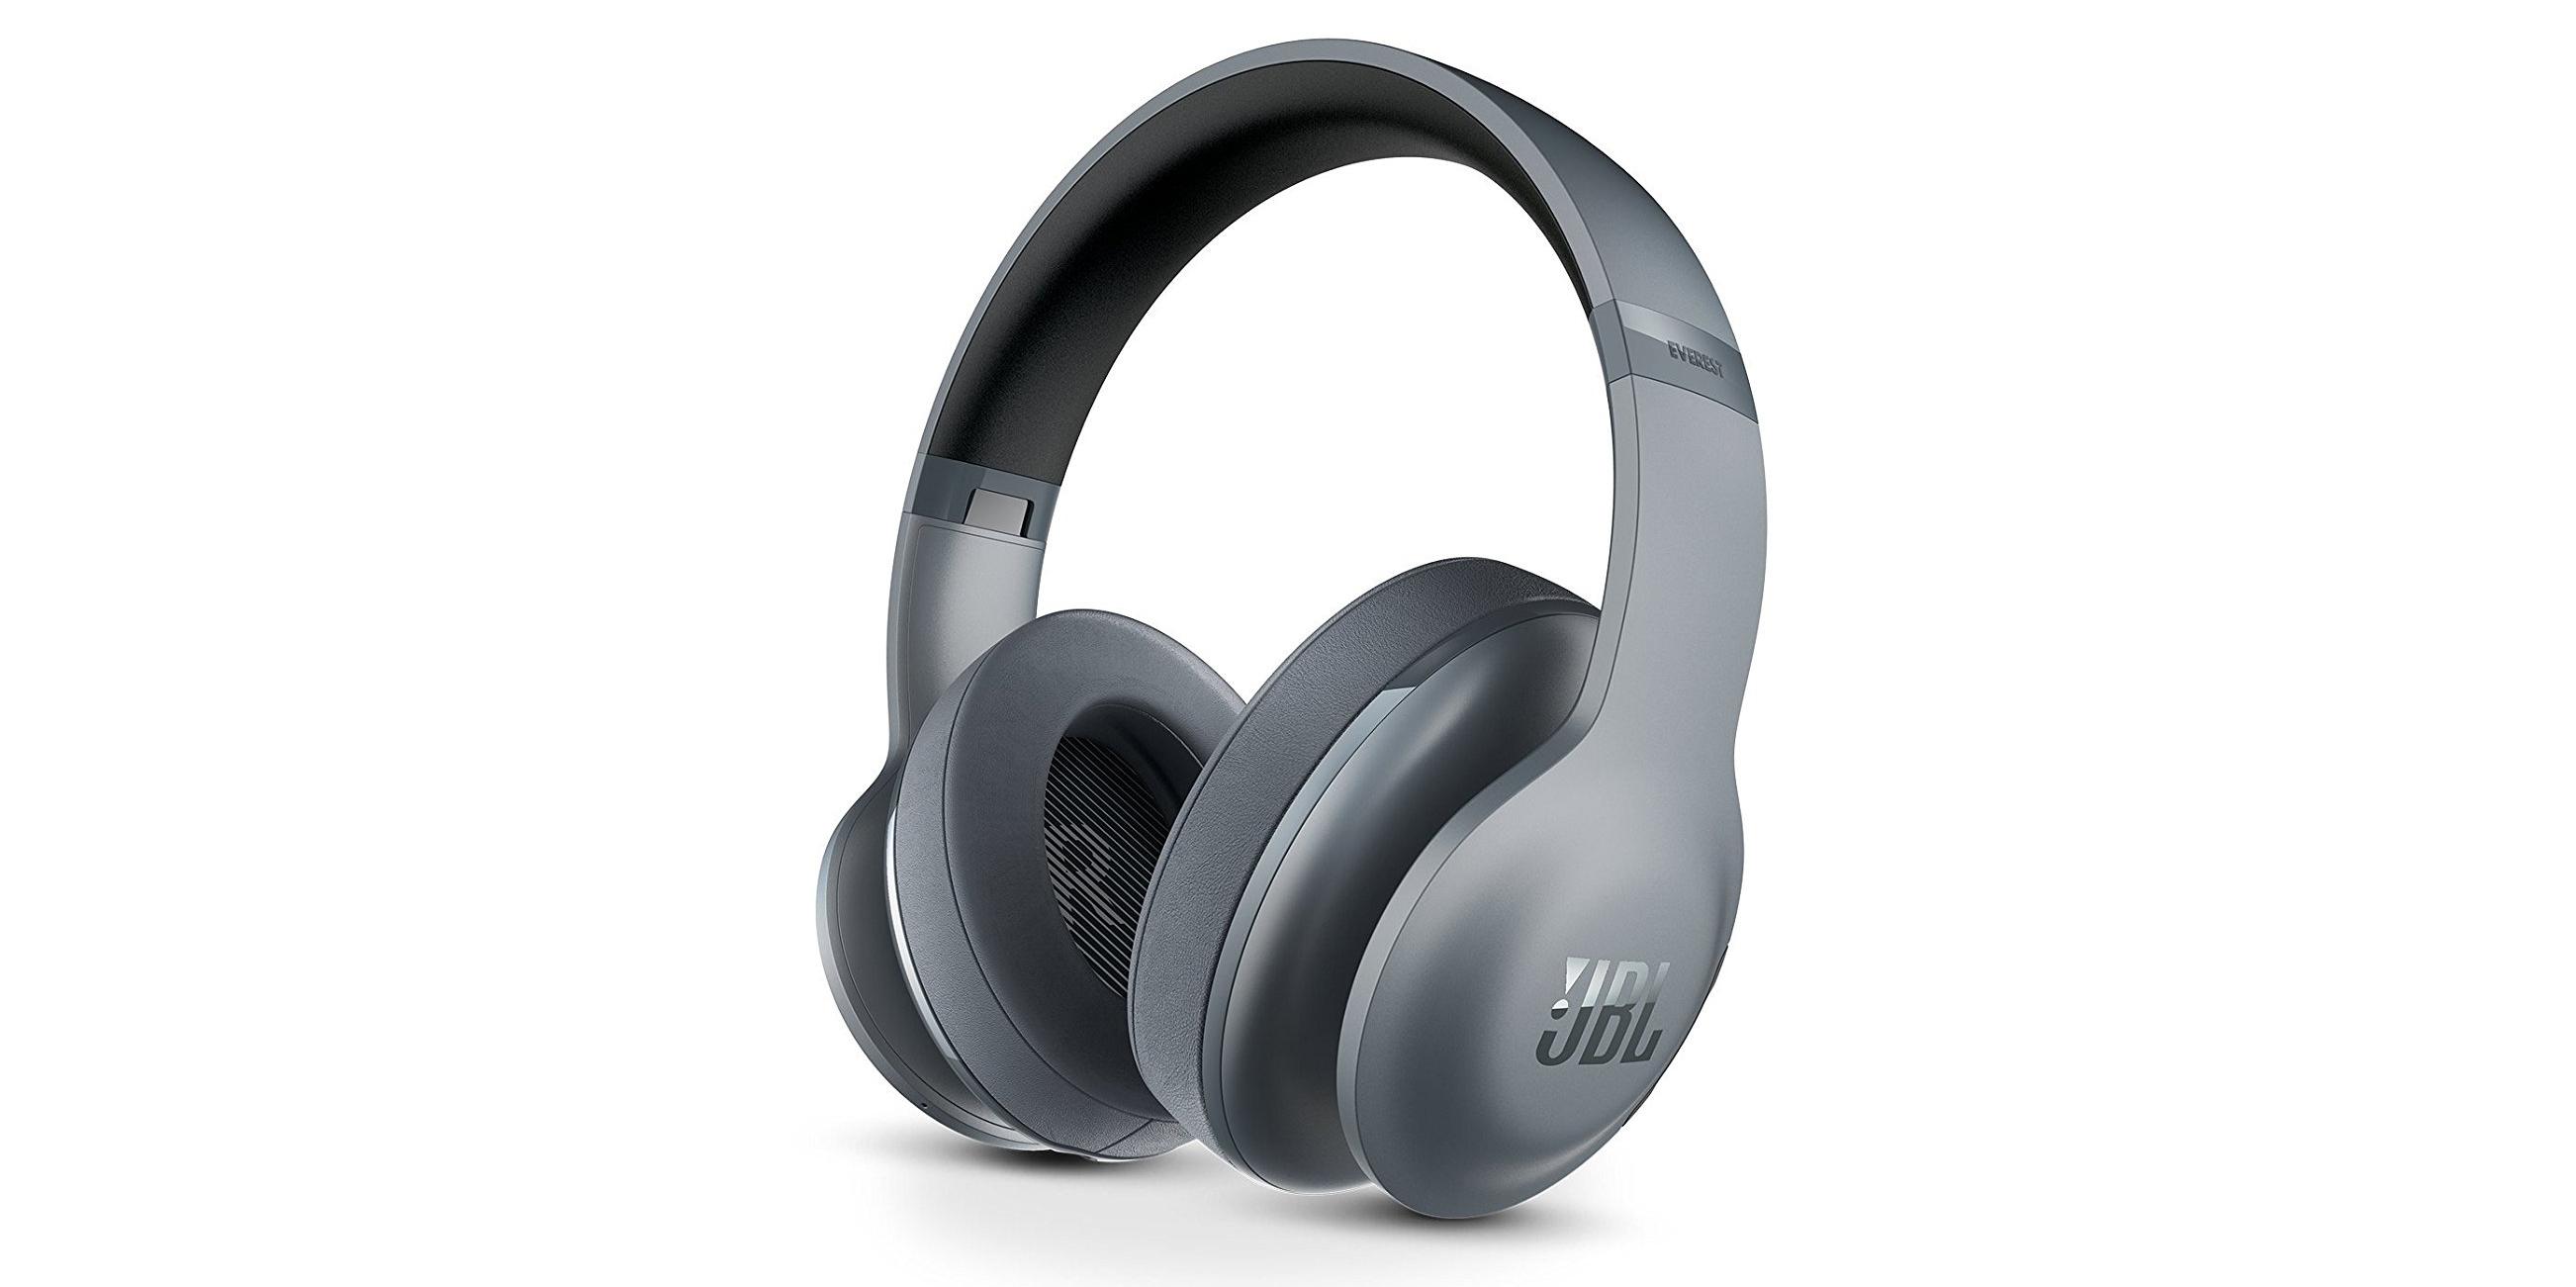 JBL Everest 700 Wireless Headphones on sale for $90 shipped (Cert. Refurb, Orig. $200)